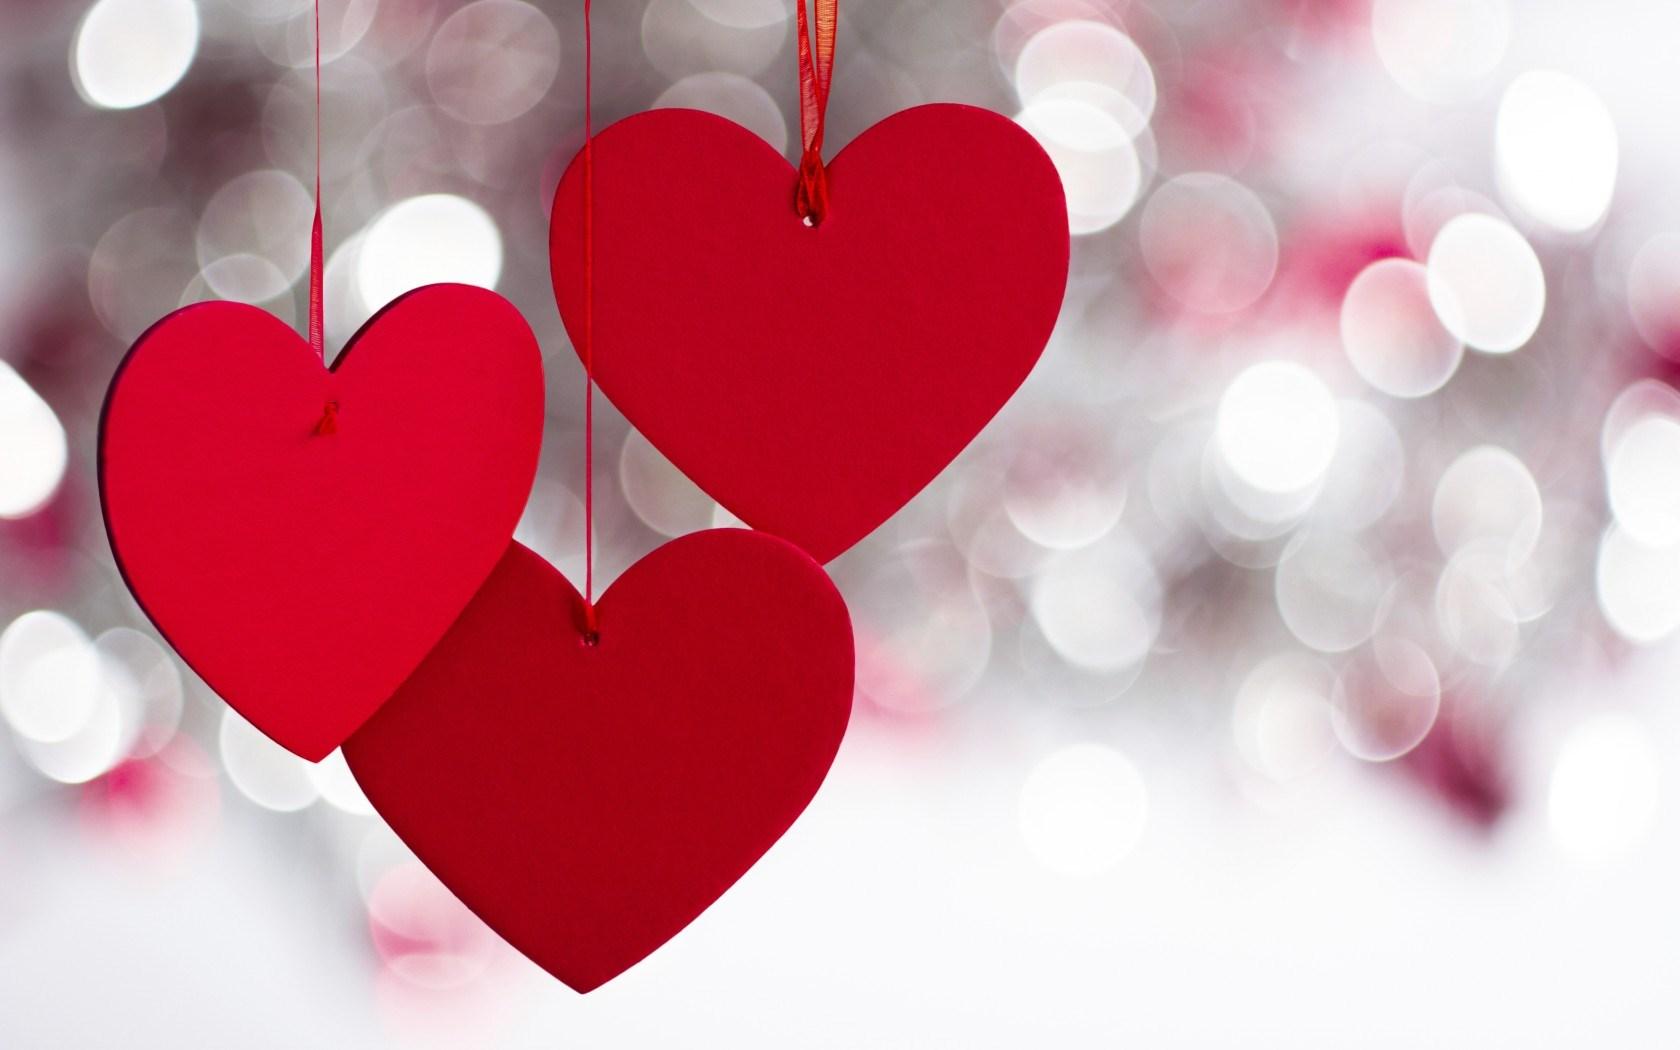 heart wallpaper 13